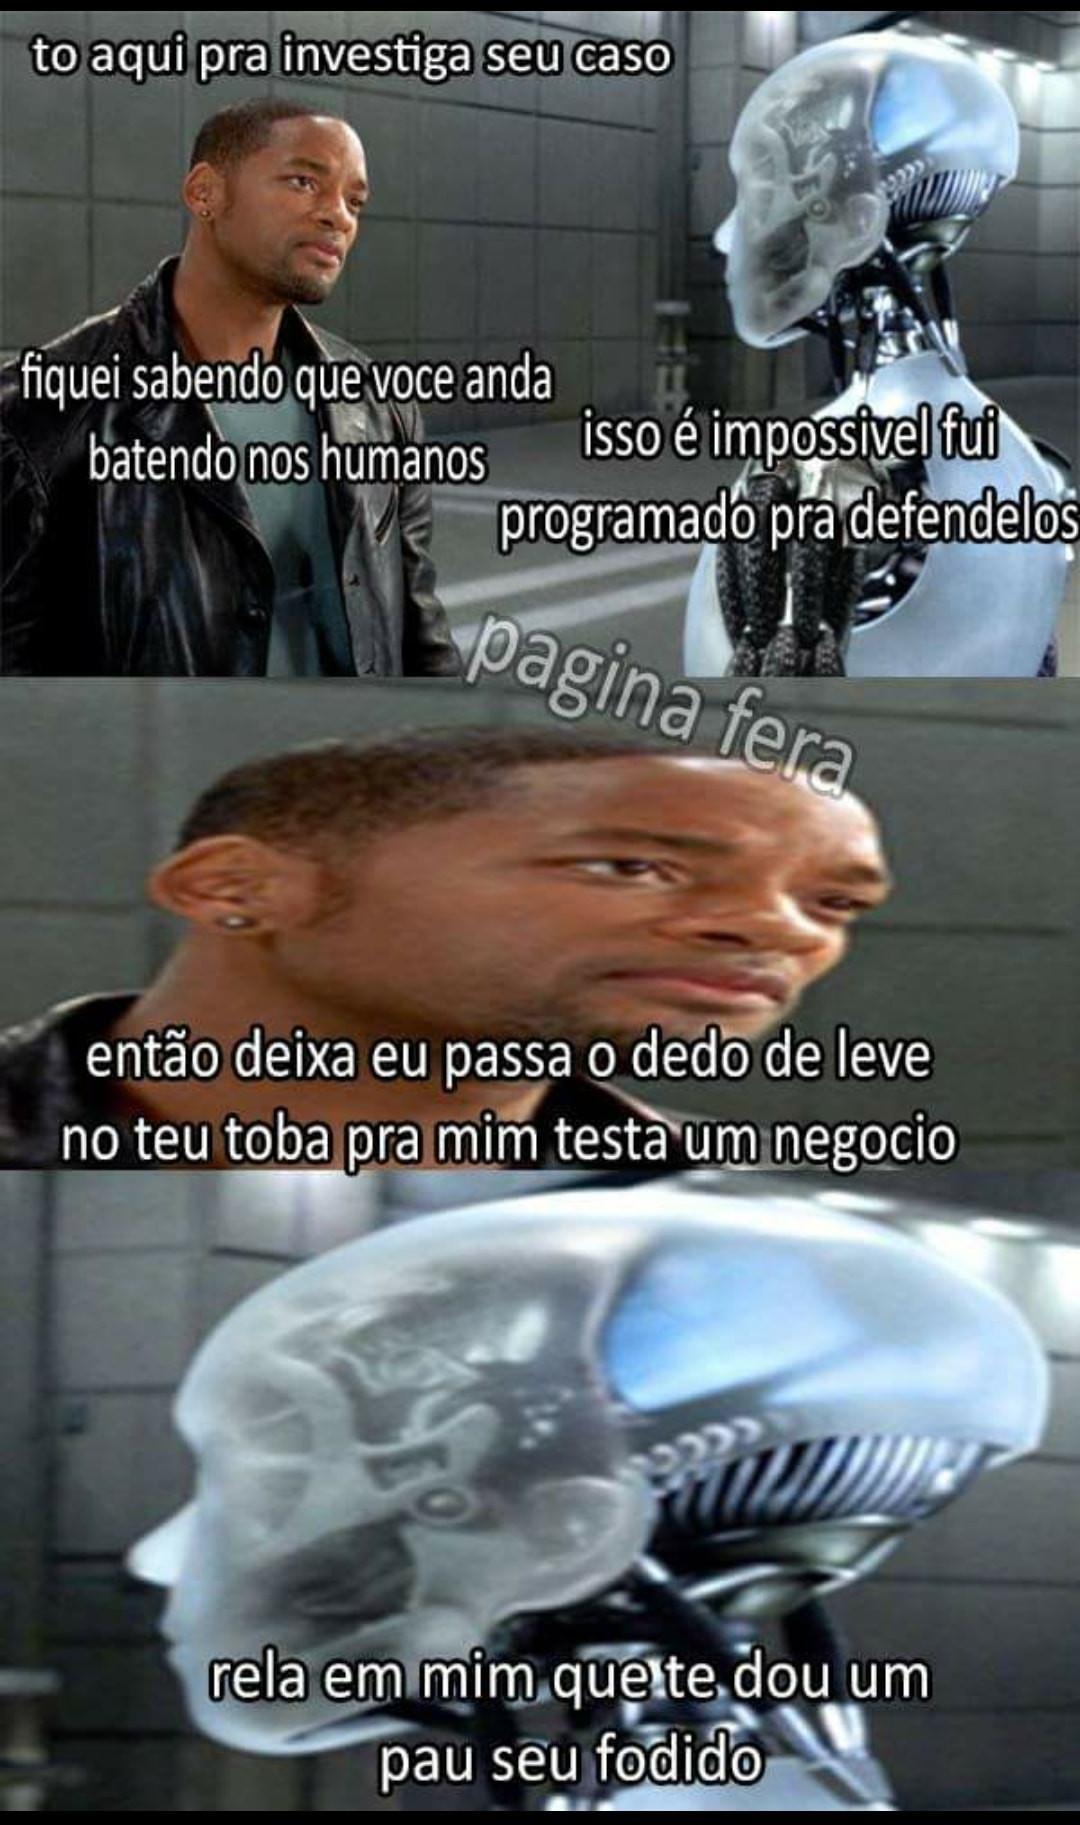 TU N AGUENTA 10 MIN DE PORRADA CMG - meme